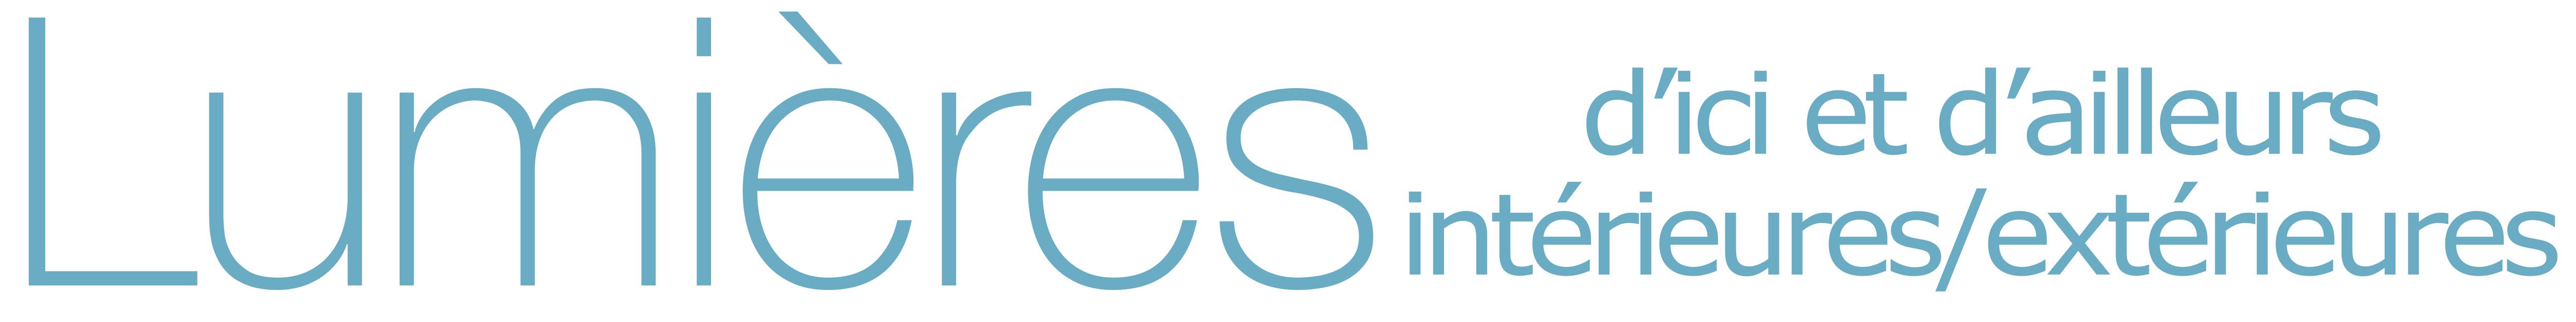 Lumieres d'ici et d'ailleurs Logo